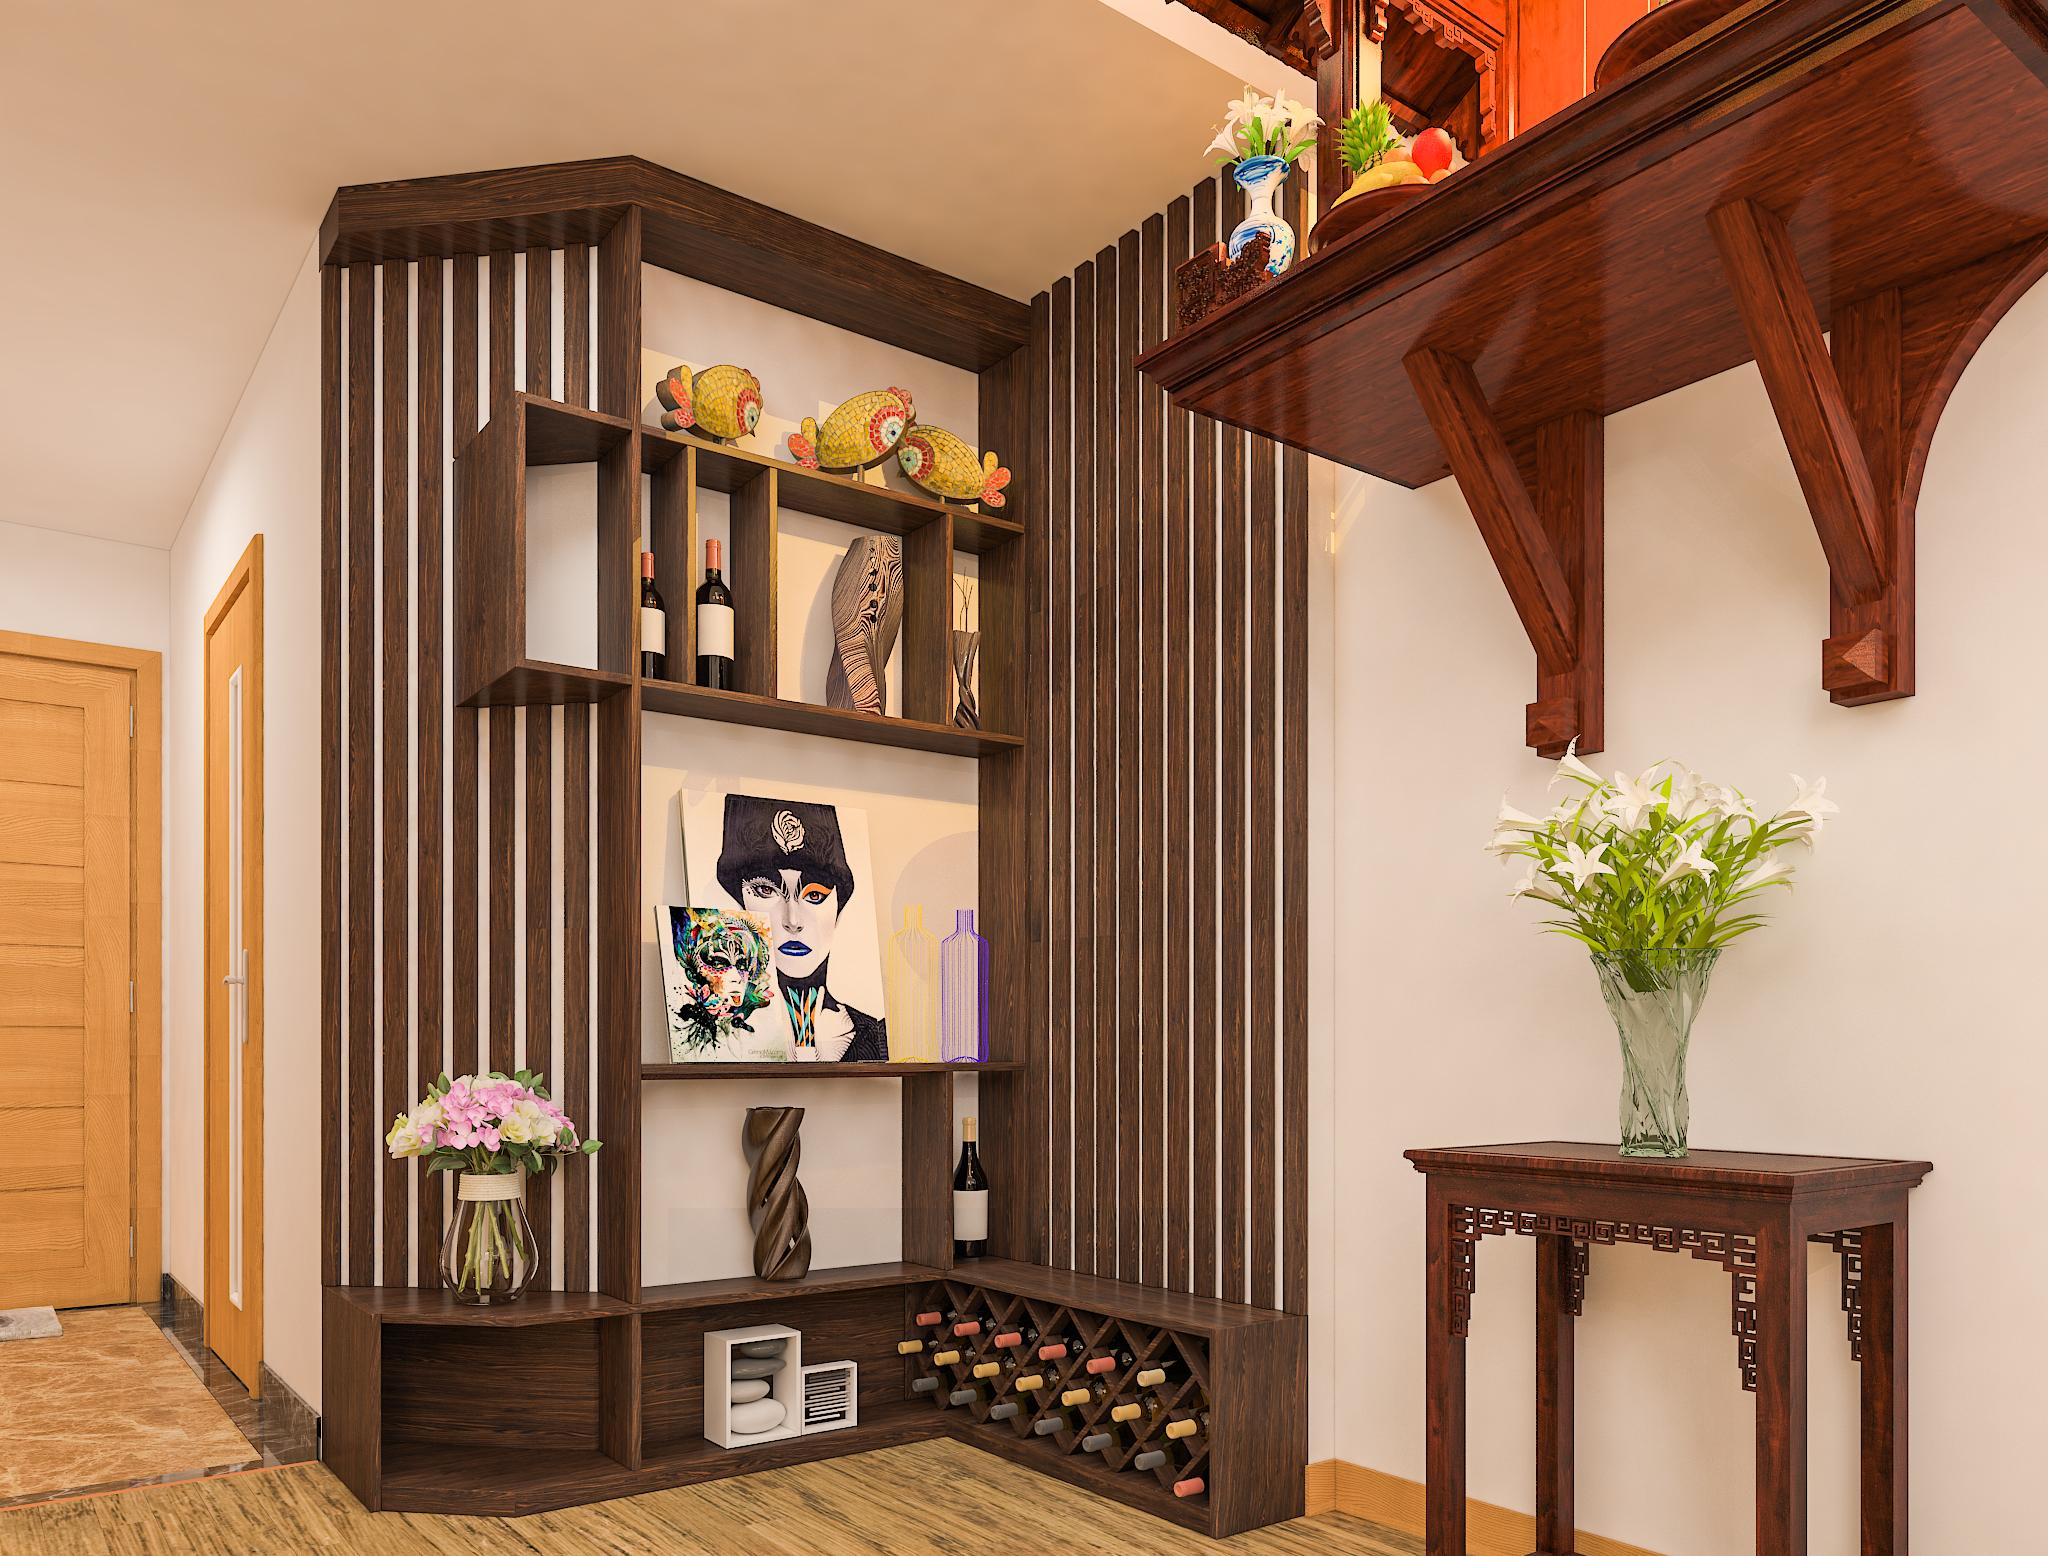 thiết kế nội thất chung cư tại Hà Nội Nội thất golden west 9 1533866928